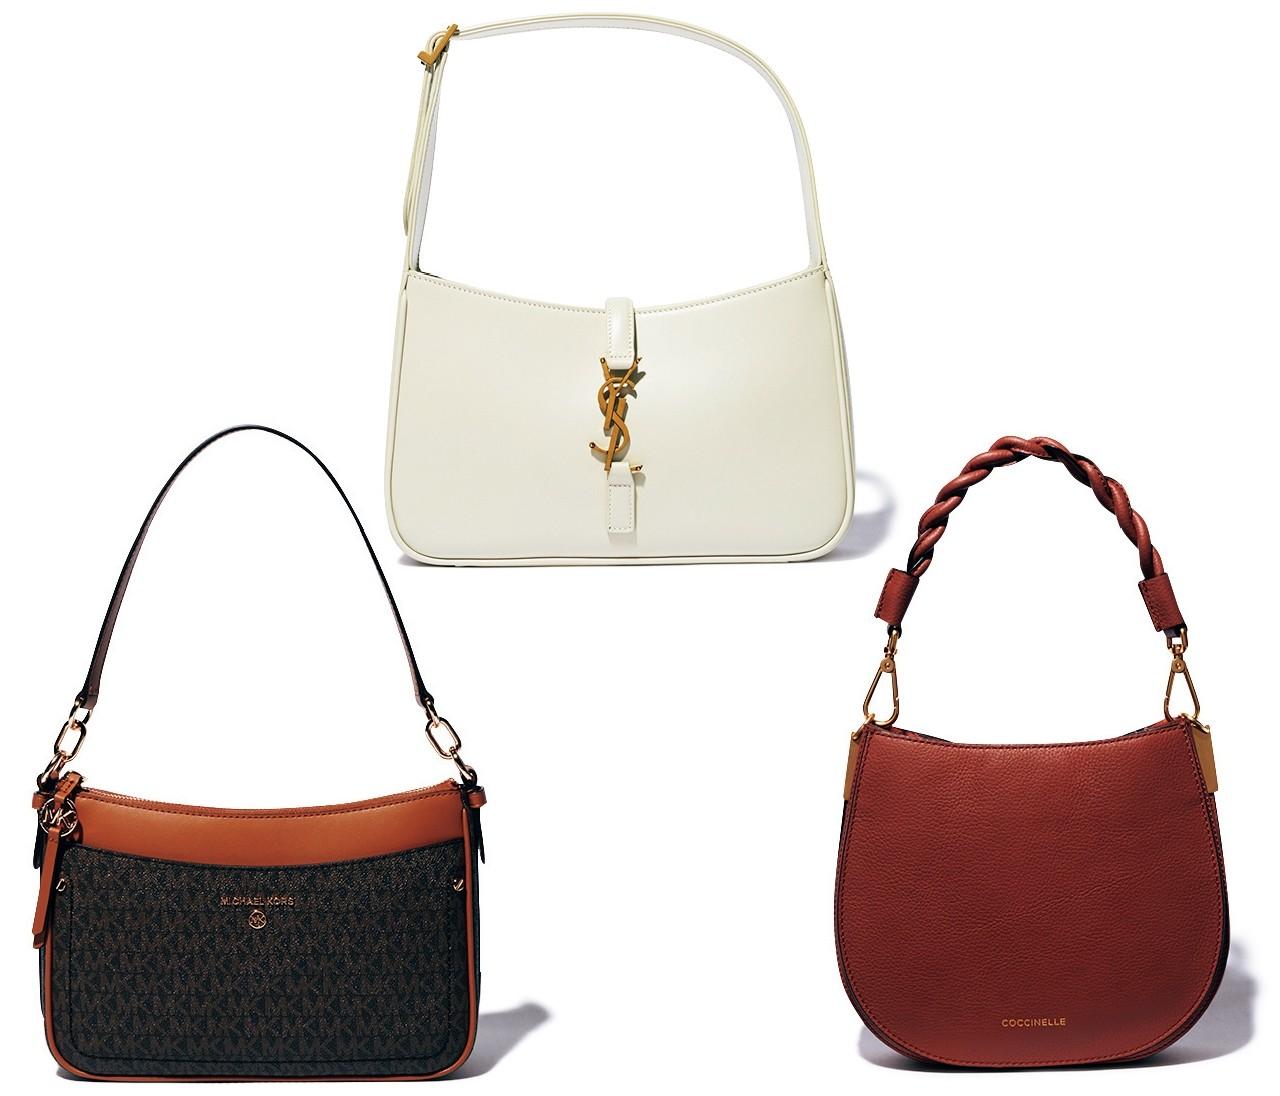 【人気ブランドの最新バッグ9選】サンローラン、グッチ、ステラ マッカートニー…ワンハンドルをお出かけのお供に!